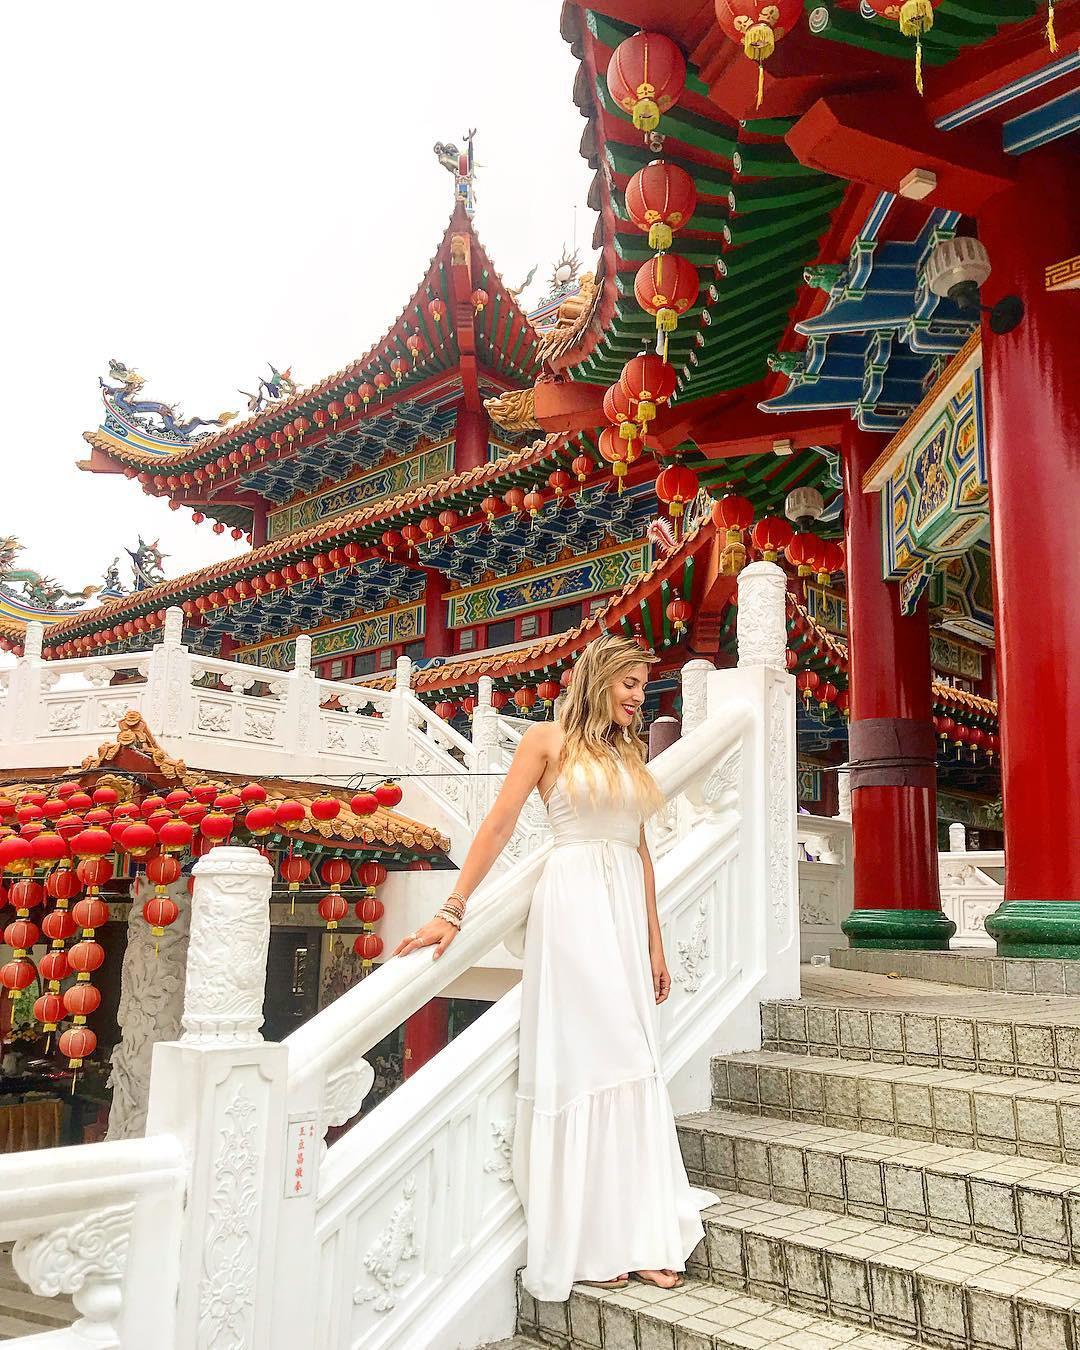 Phát hiện triệu góc check-in thần thánh ở ngôi chùa đèn lồng hot nhất Kuala Lumpur - Ảnh 8.